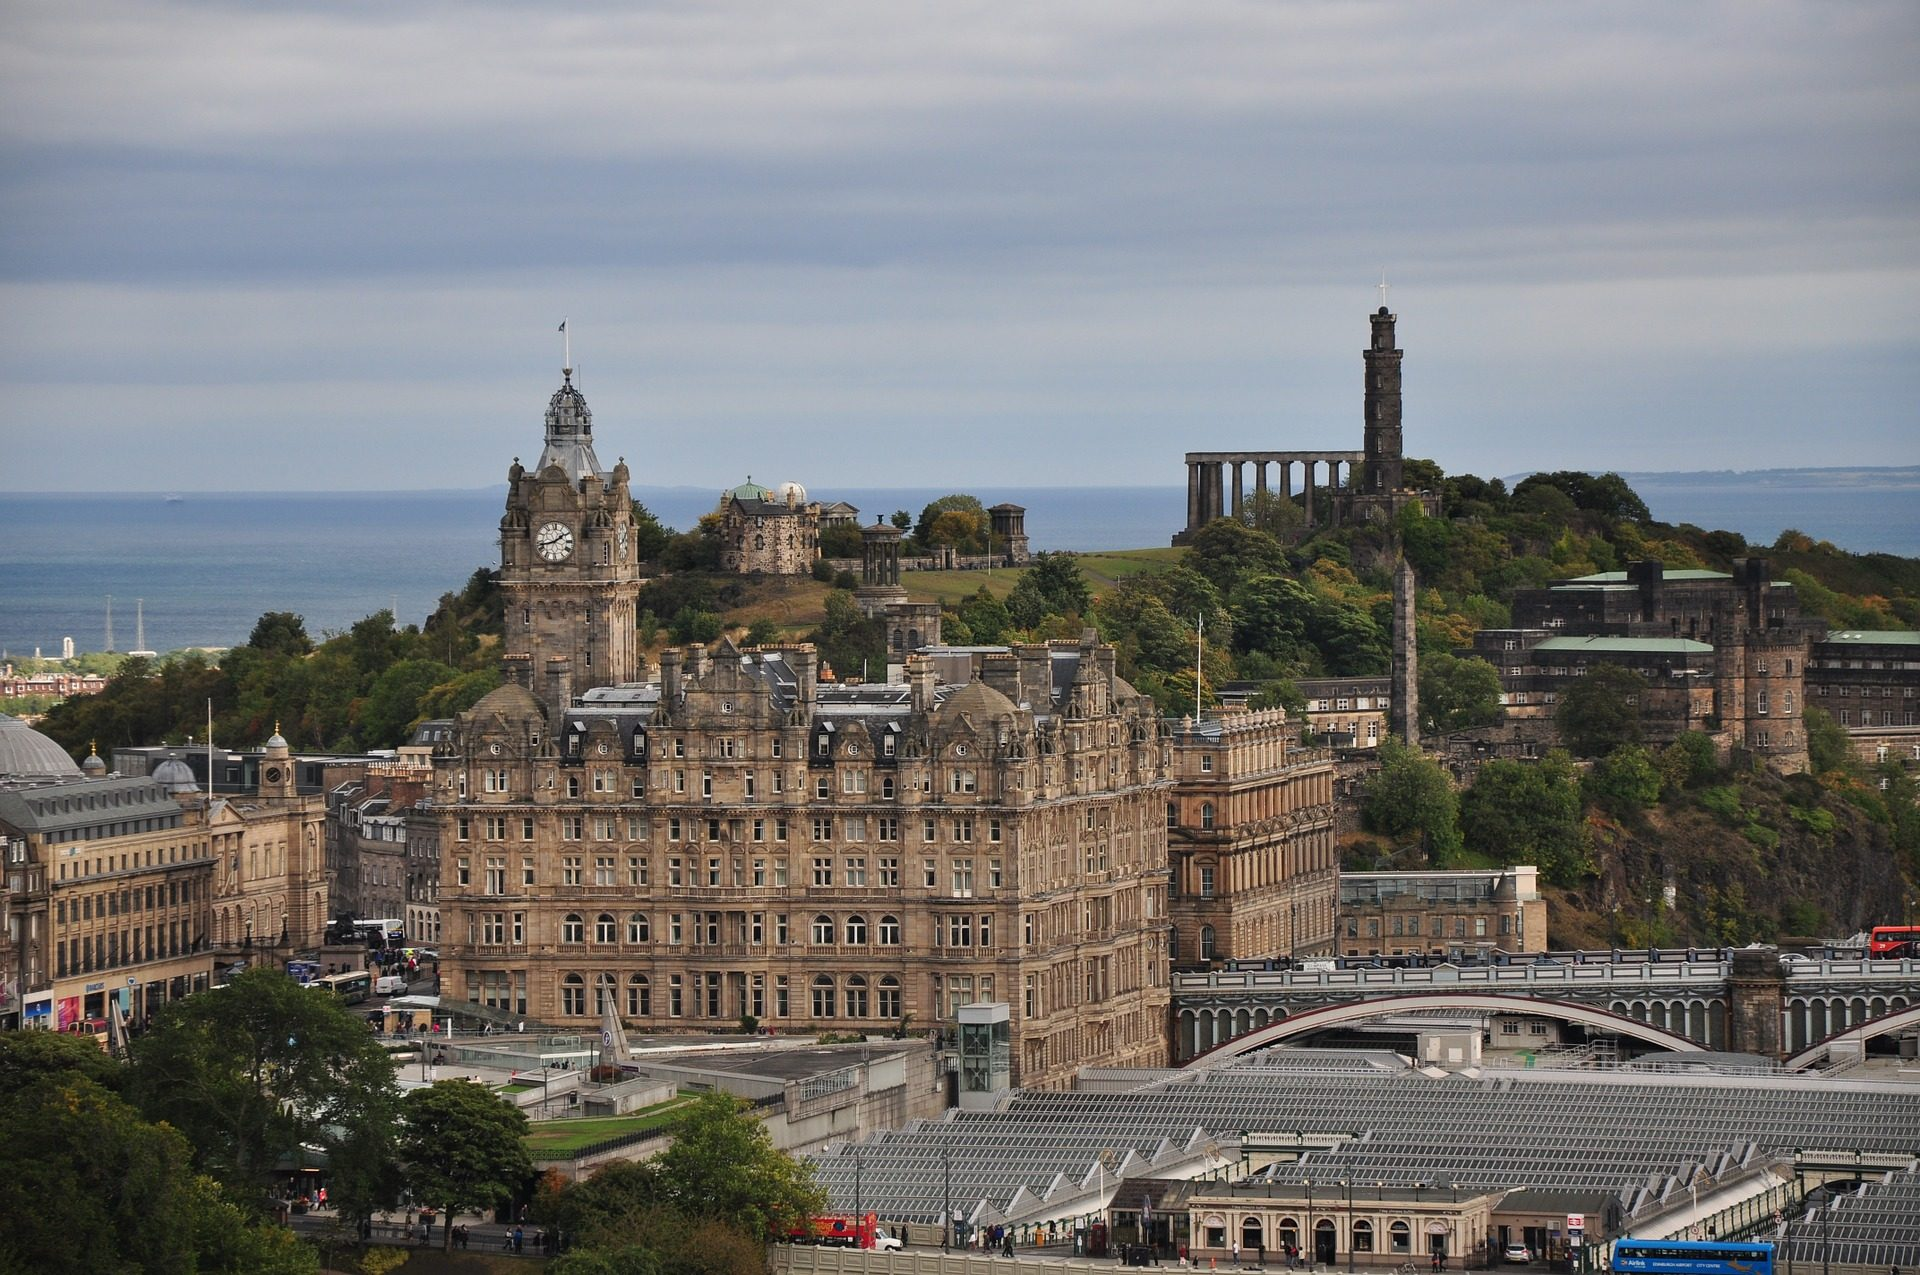 Schlosshotel in Schottland Pauschalreise nach Edinburgh günstig ab 108,85€